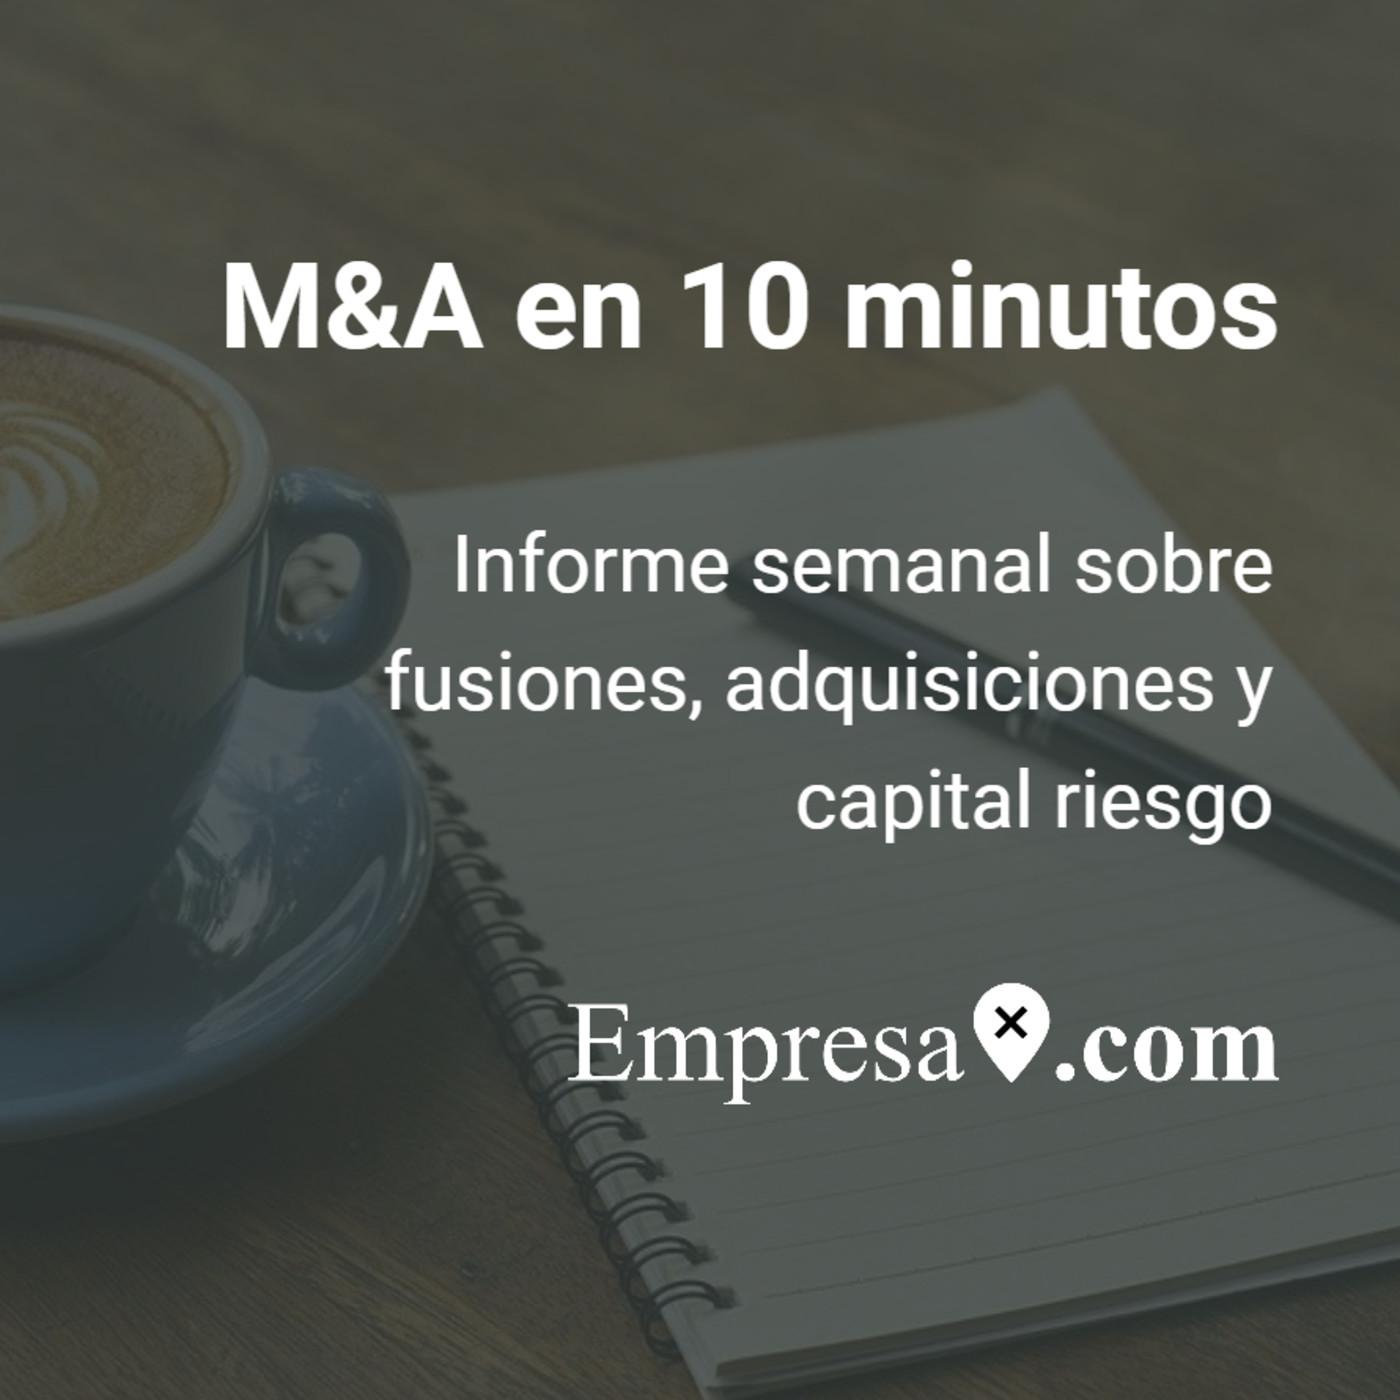 M&A en 10 minutos: Gallardo Balboa, Neoelectra, GOI, AGQ Labs, AHIMÁS y más